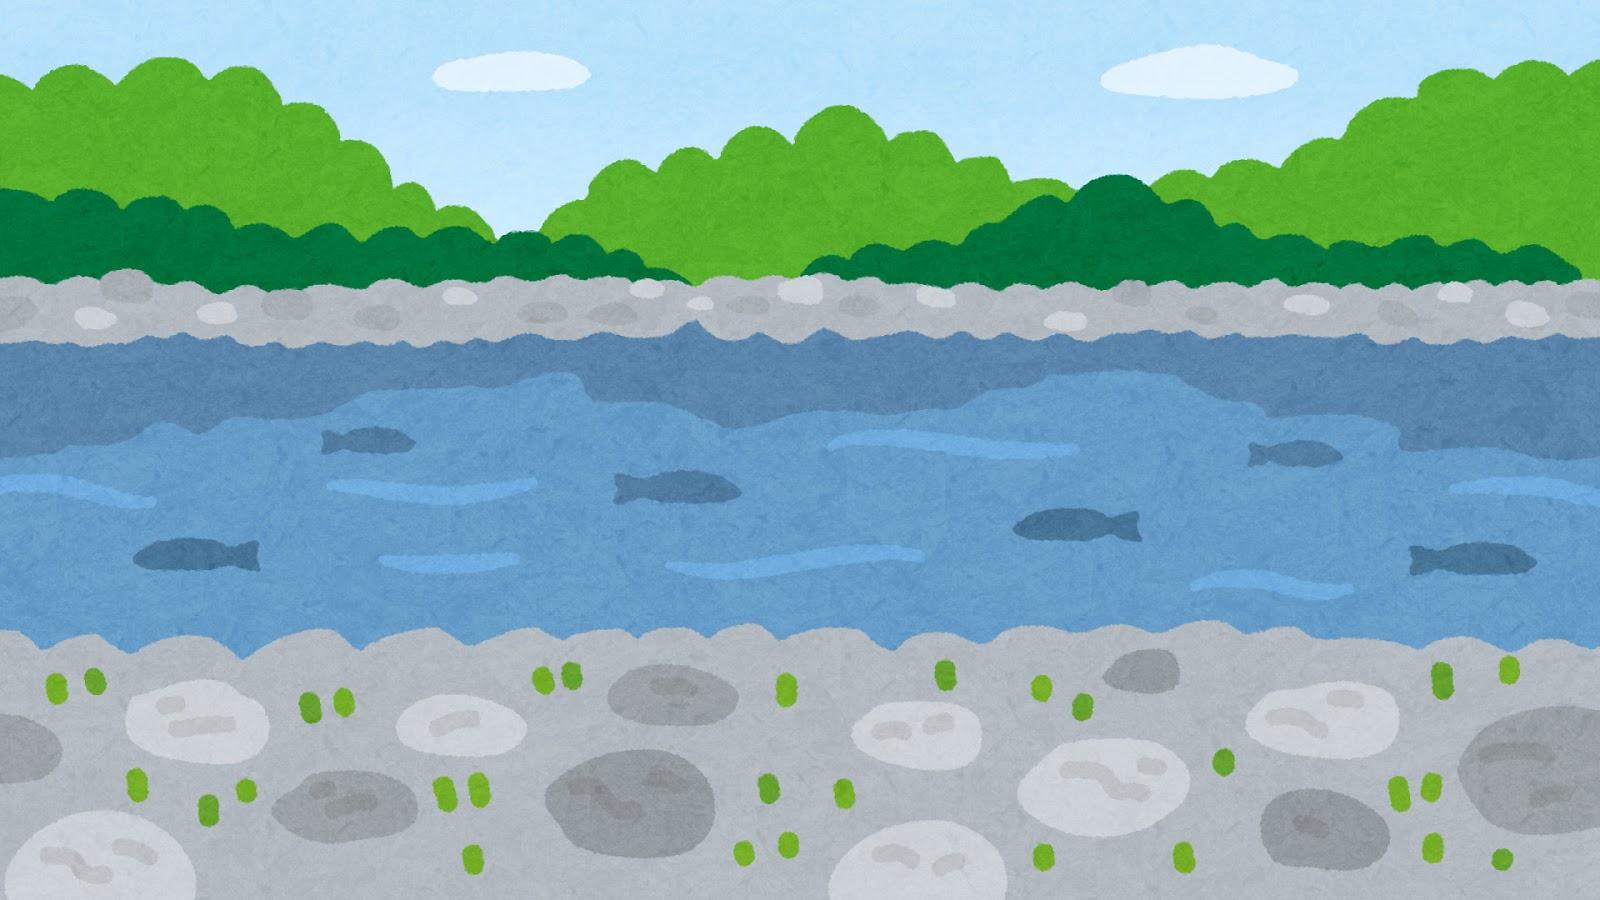 川原のイラスト(背景素材) | かわいいフリー素材集 いらすとや